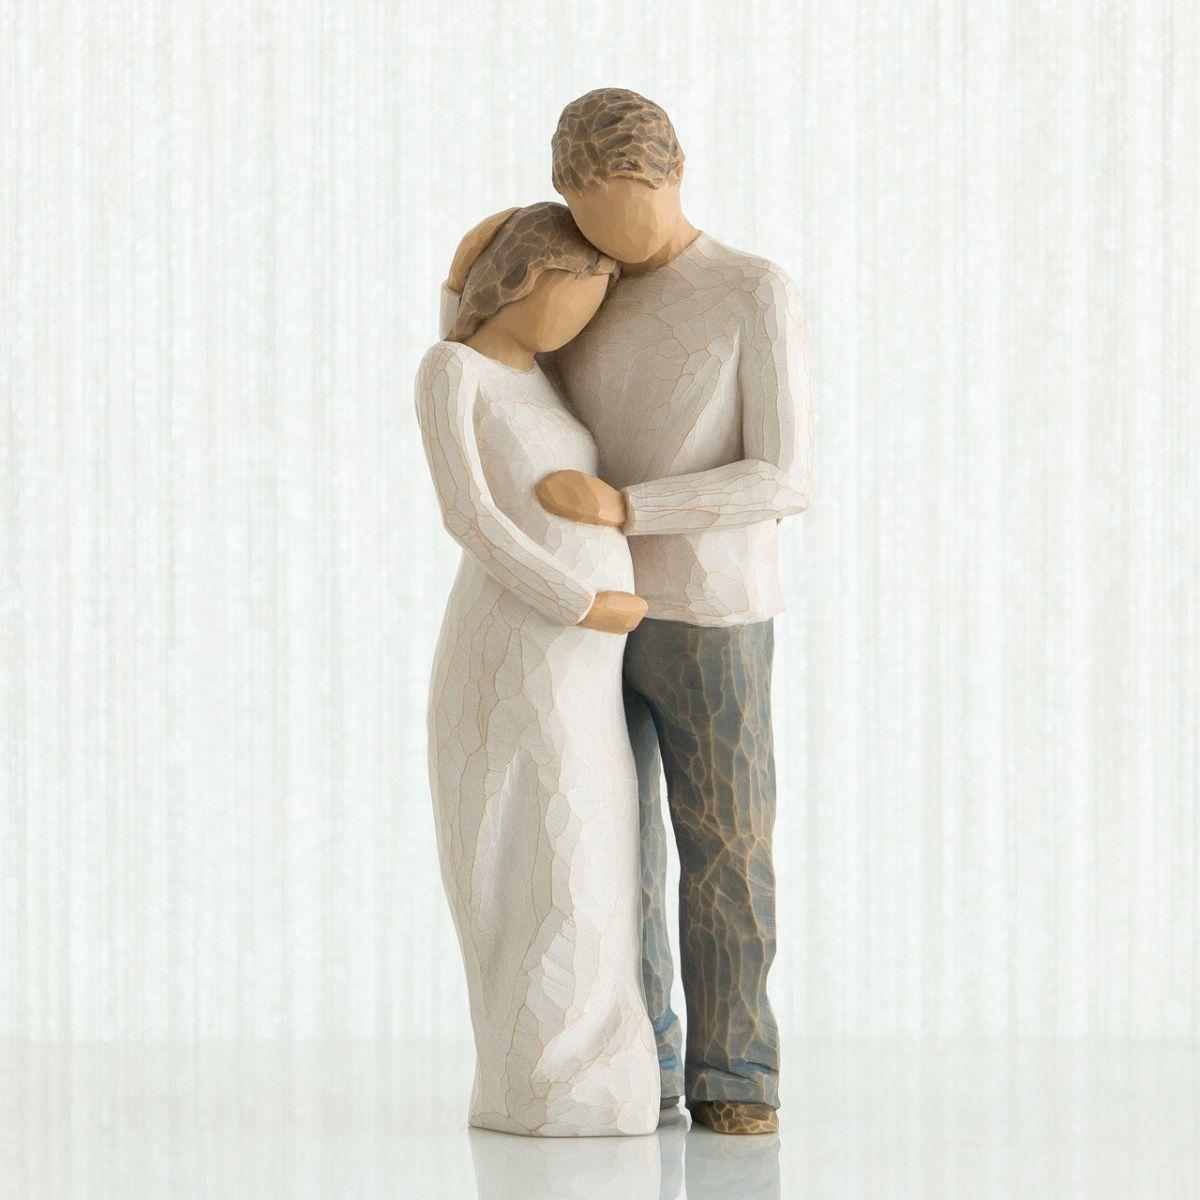 ウィローツリー彫像 【Home】 - 我が家